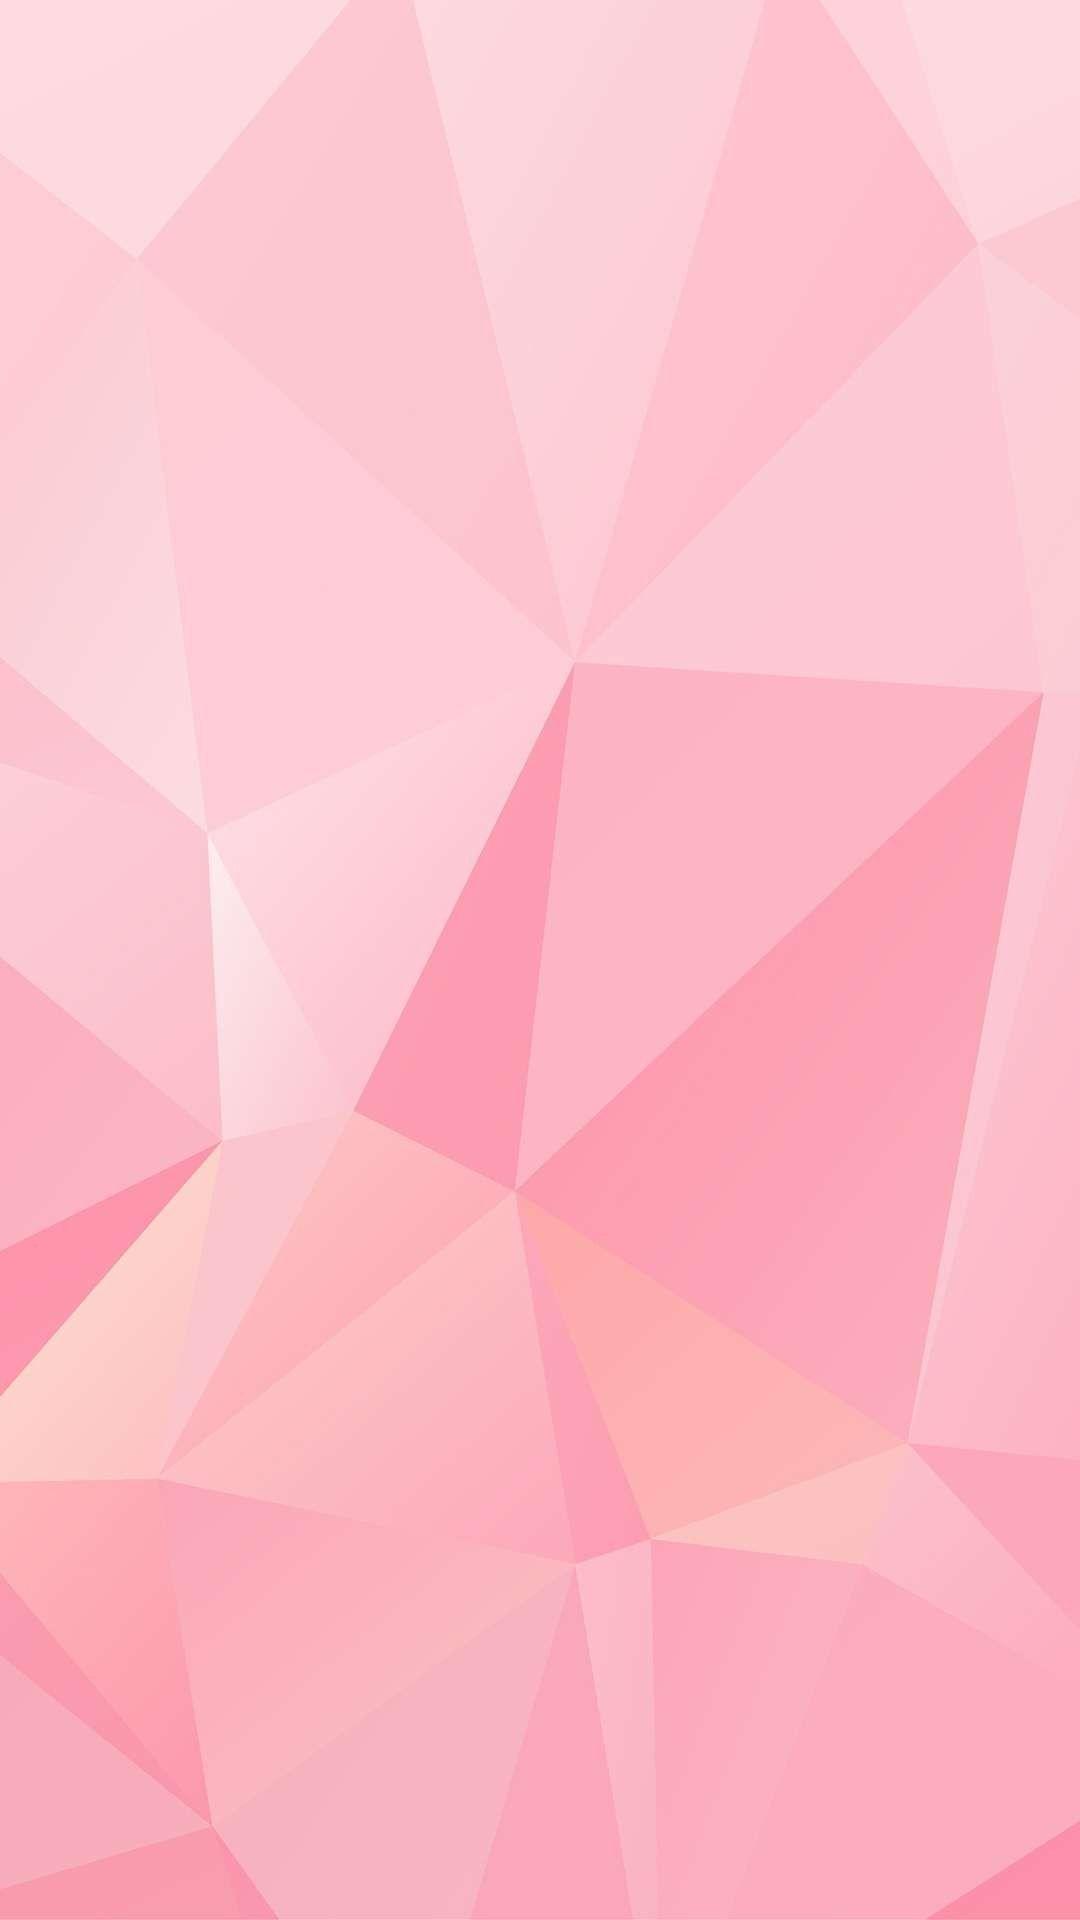 Geometric Iphone Wallpaper In 2019 Phone Wallpaper Images